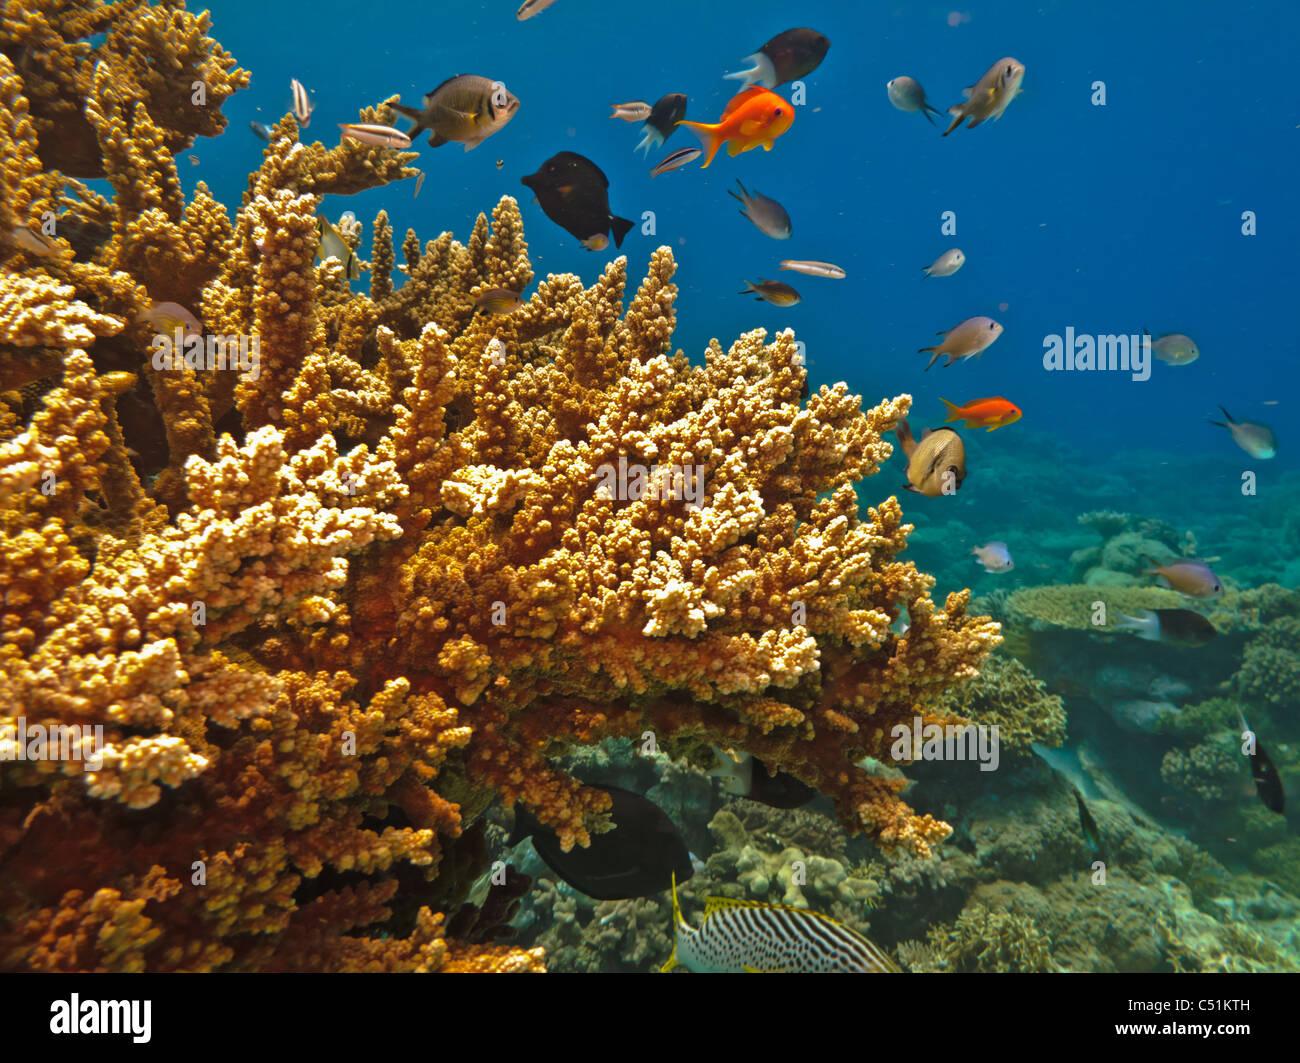 Stony colonie di corallo e una varietà di pesci colorati sulla Grande Barriera Corallina in Australia Immagini Stock